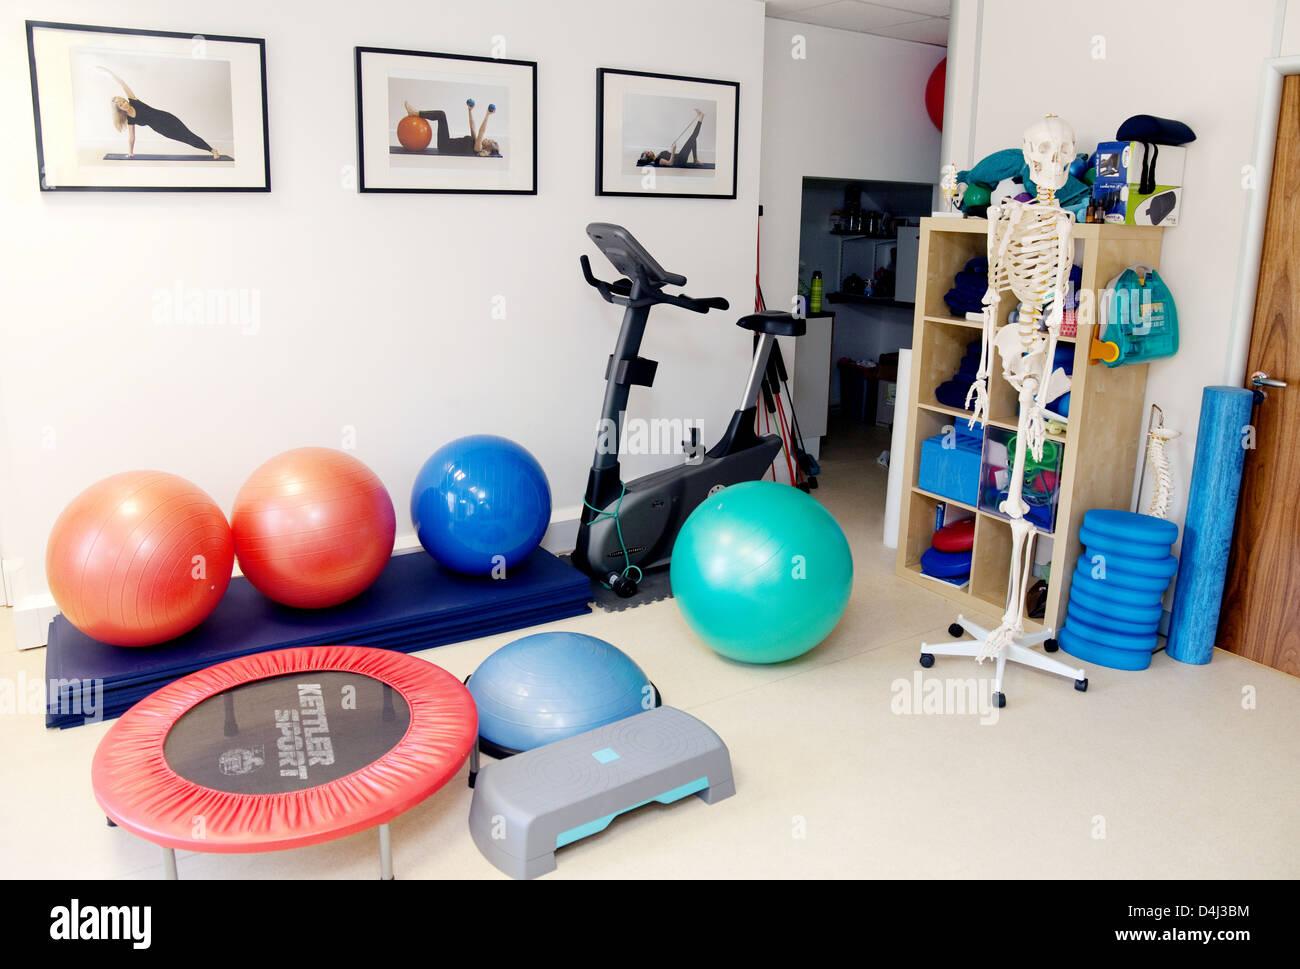 L'équipement d'exercice dans un gymnase vide utilisé également pour la méthode Pilates Photo Stock